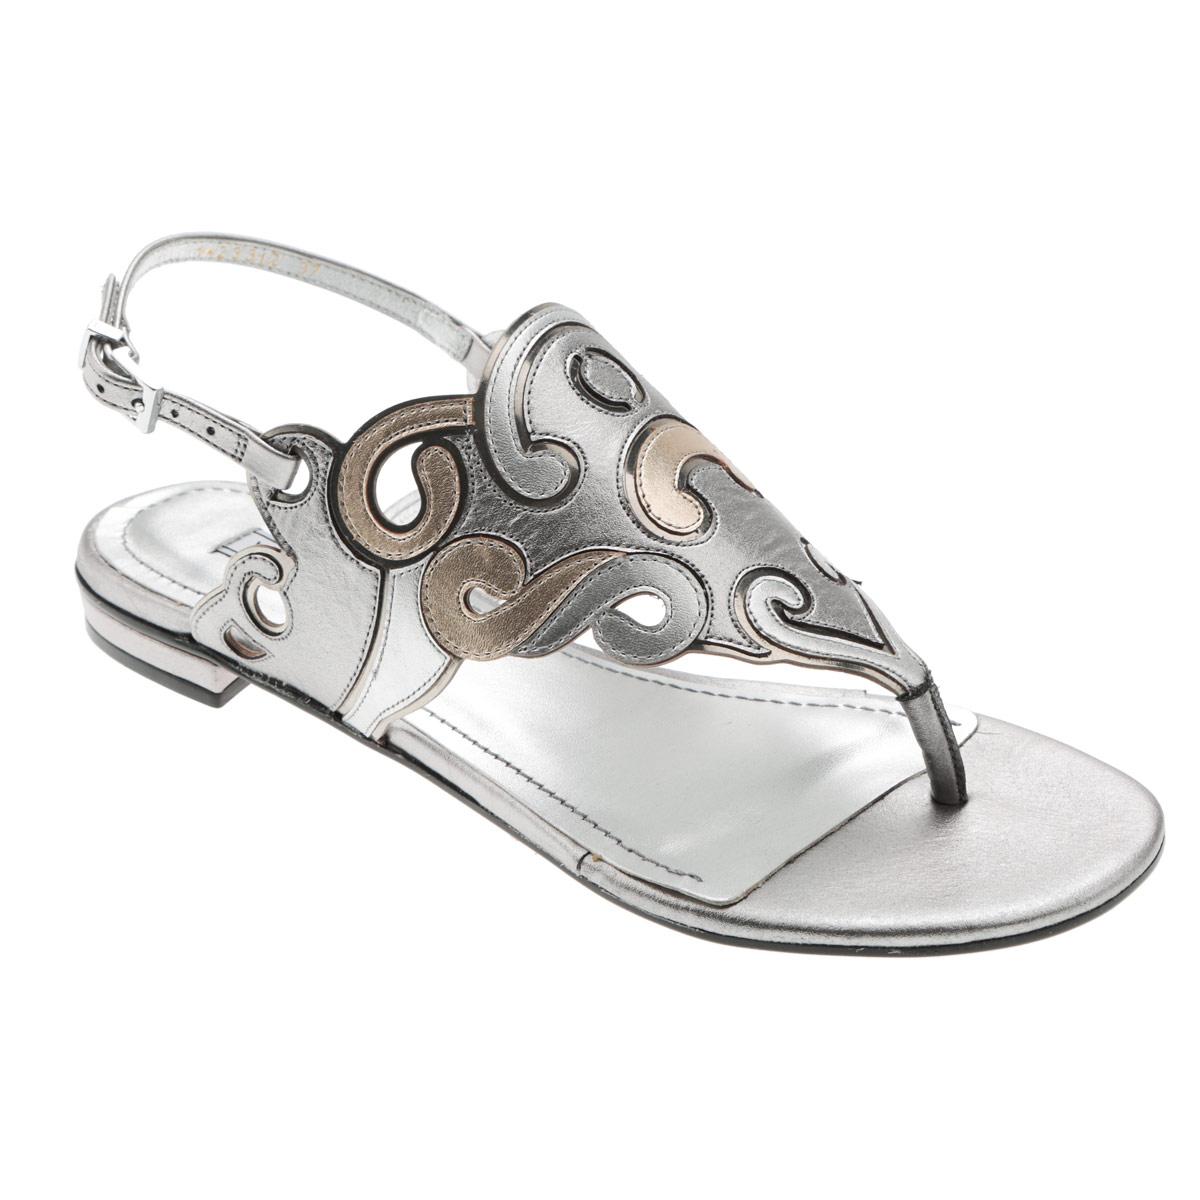 1-23312Стильные сандалии от Werner займут достойное место среди вашей коллекции летней обуви. Модель выполнена из натуральной кожи и декорирована на подъеме оригинальным узором. Эргономичная перемычка между пальцами и ремешок, огибающий пятку, с прямоугольной металлической пряжкой отвечают за надежную фиксацию модели на ноге. Стелька из натуральной кожи обеспечивает комфорт при ходьбе. Подошва выполнена из прочного полимера с противоскользящим рифлением. Модные сандалии прекрасно дополнят любой из ваших образов.